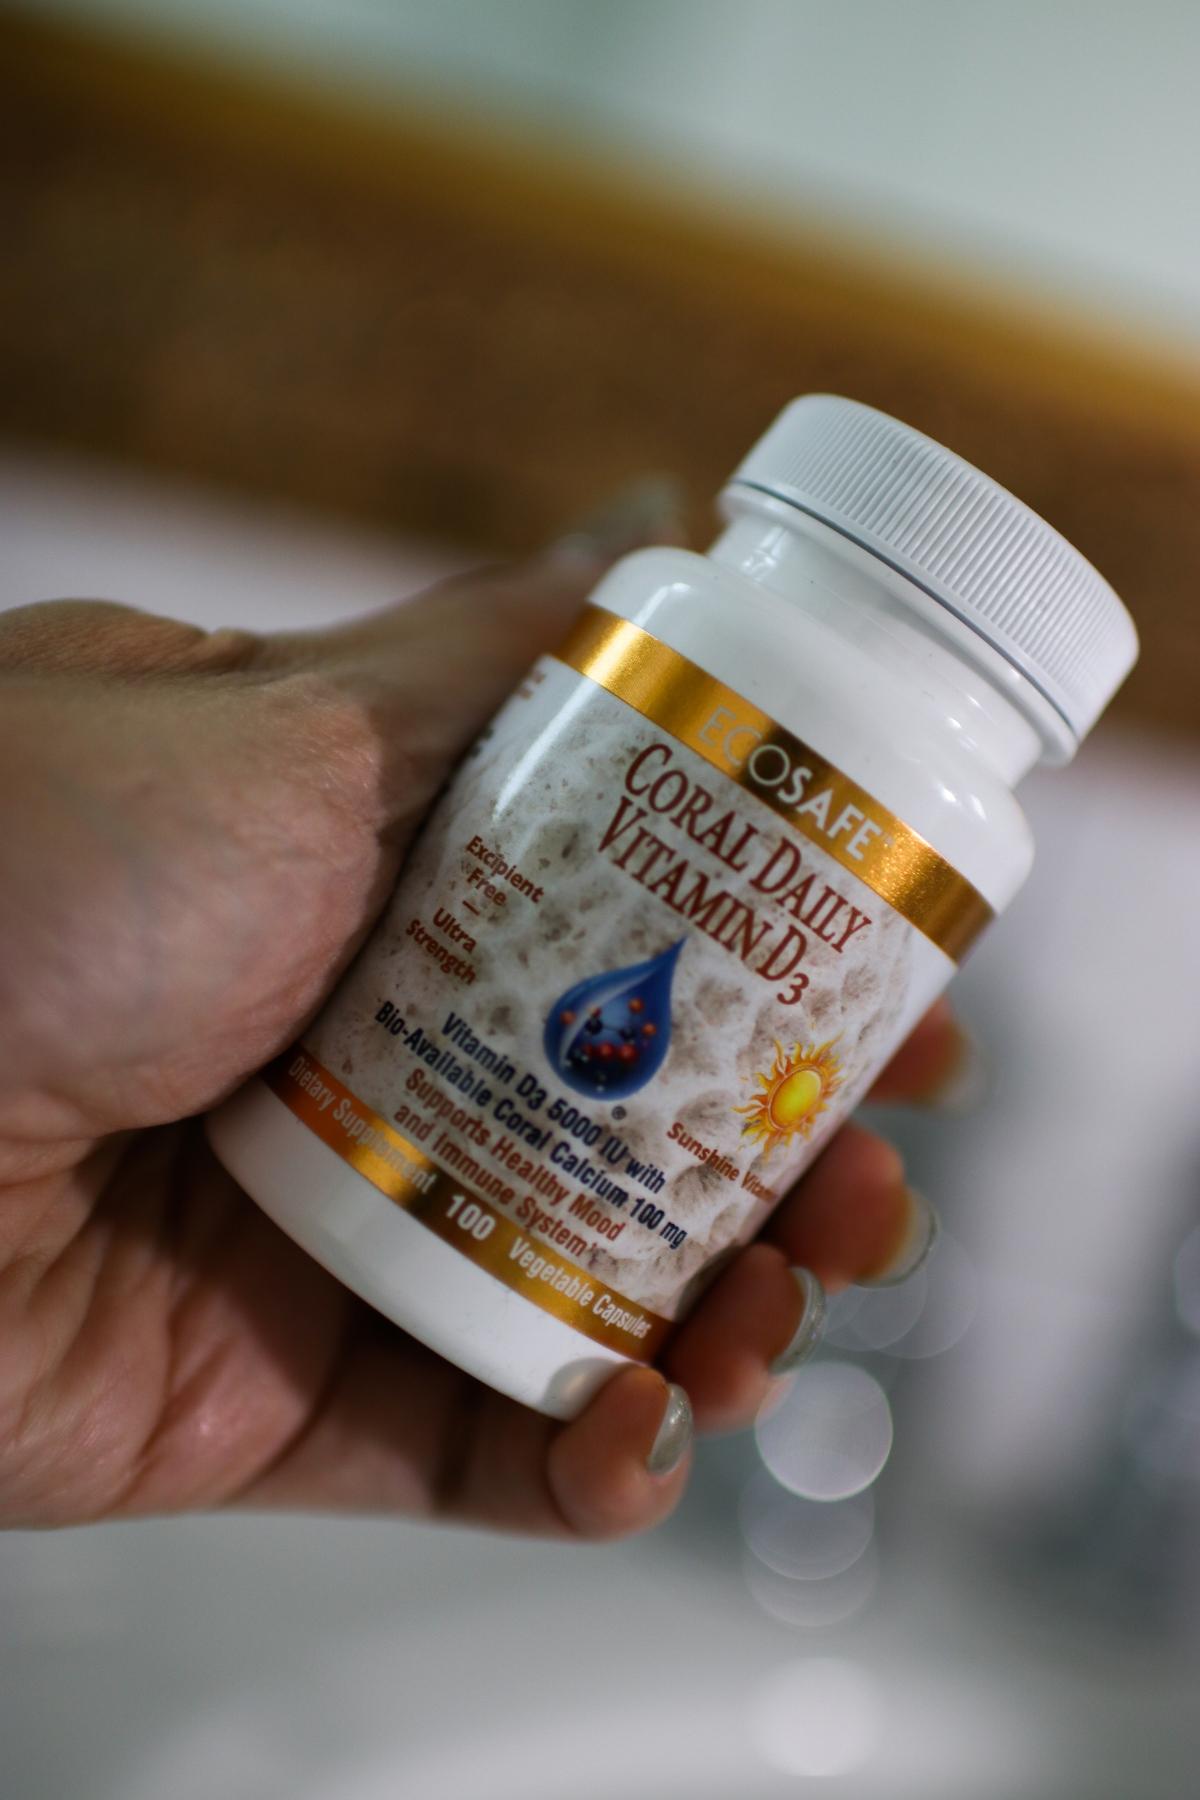 Coral Nano ECOSAFE Daily Vitamin D3 Vitamins